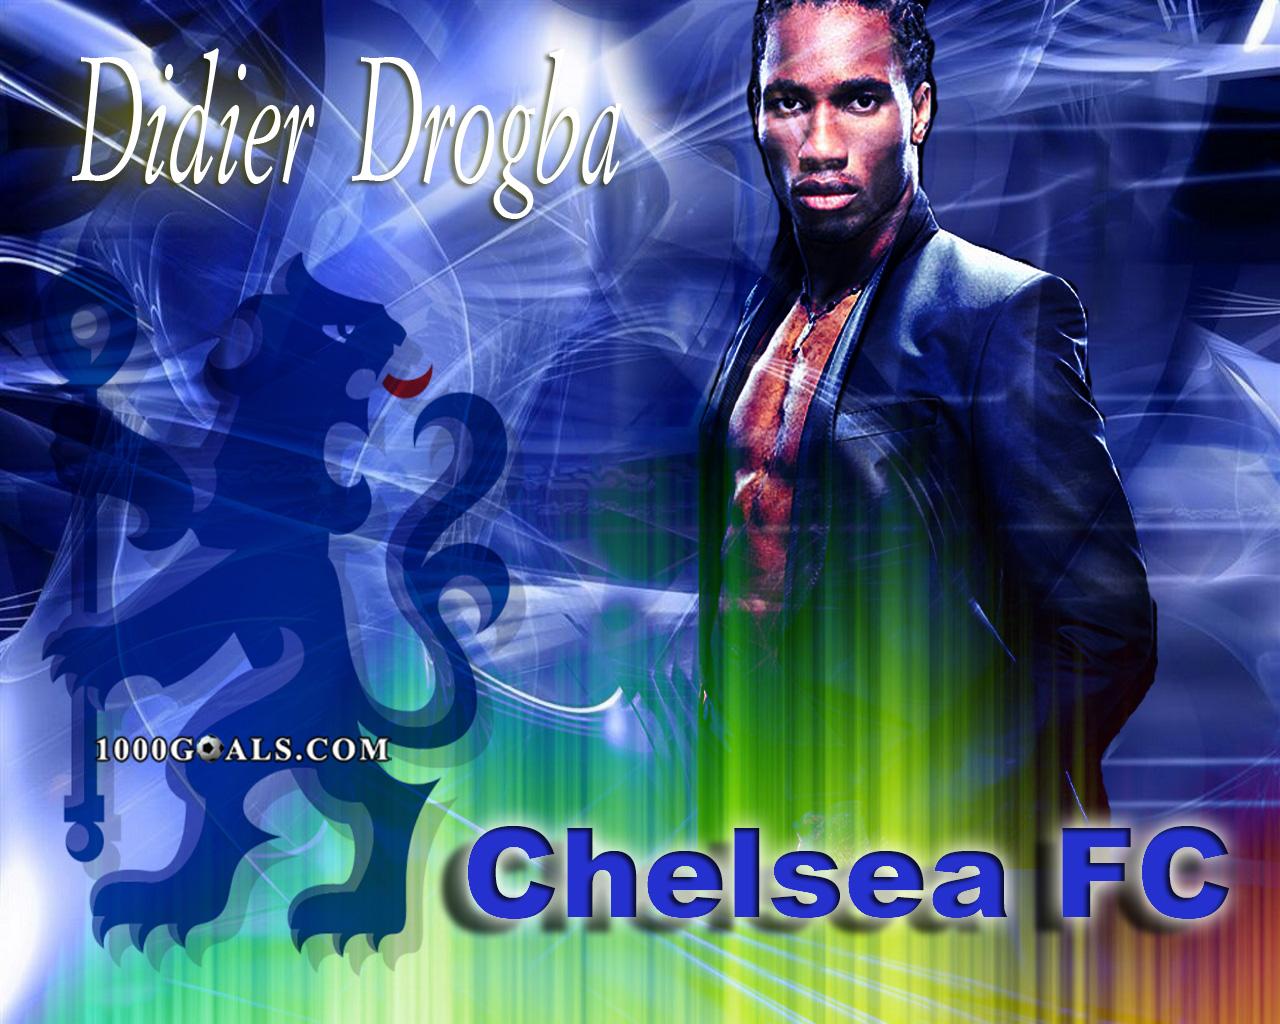 http://2.bp.blogspot.com/-yubR9wjw0gM/TxbJS8Sxm0I/AAAAAAAAC54/qYT1CwUhcLM/s1600/Didier-Drogba-Wallpaper-5.jpg